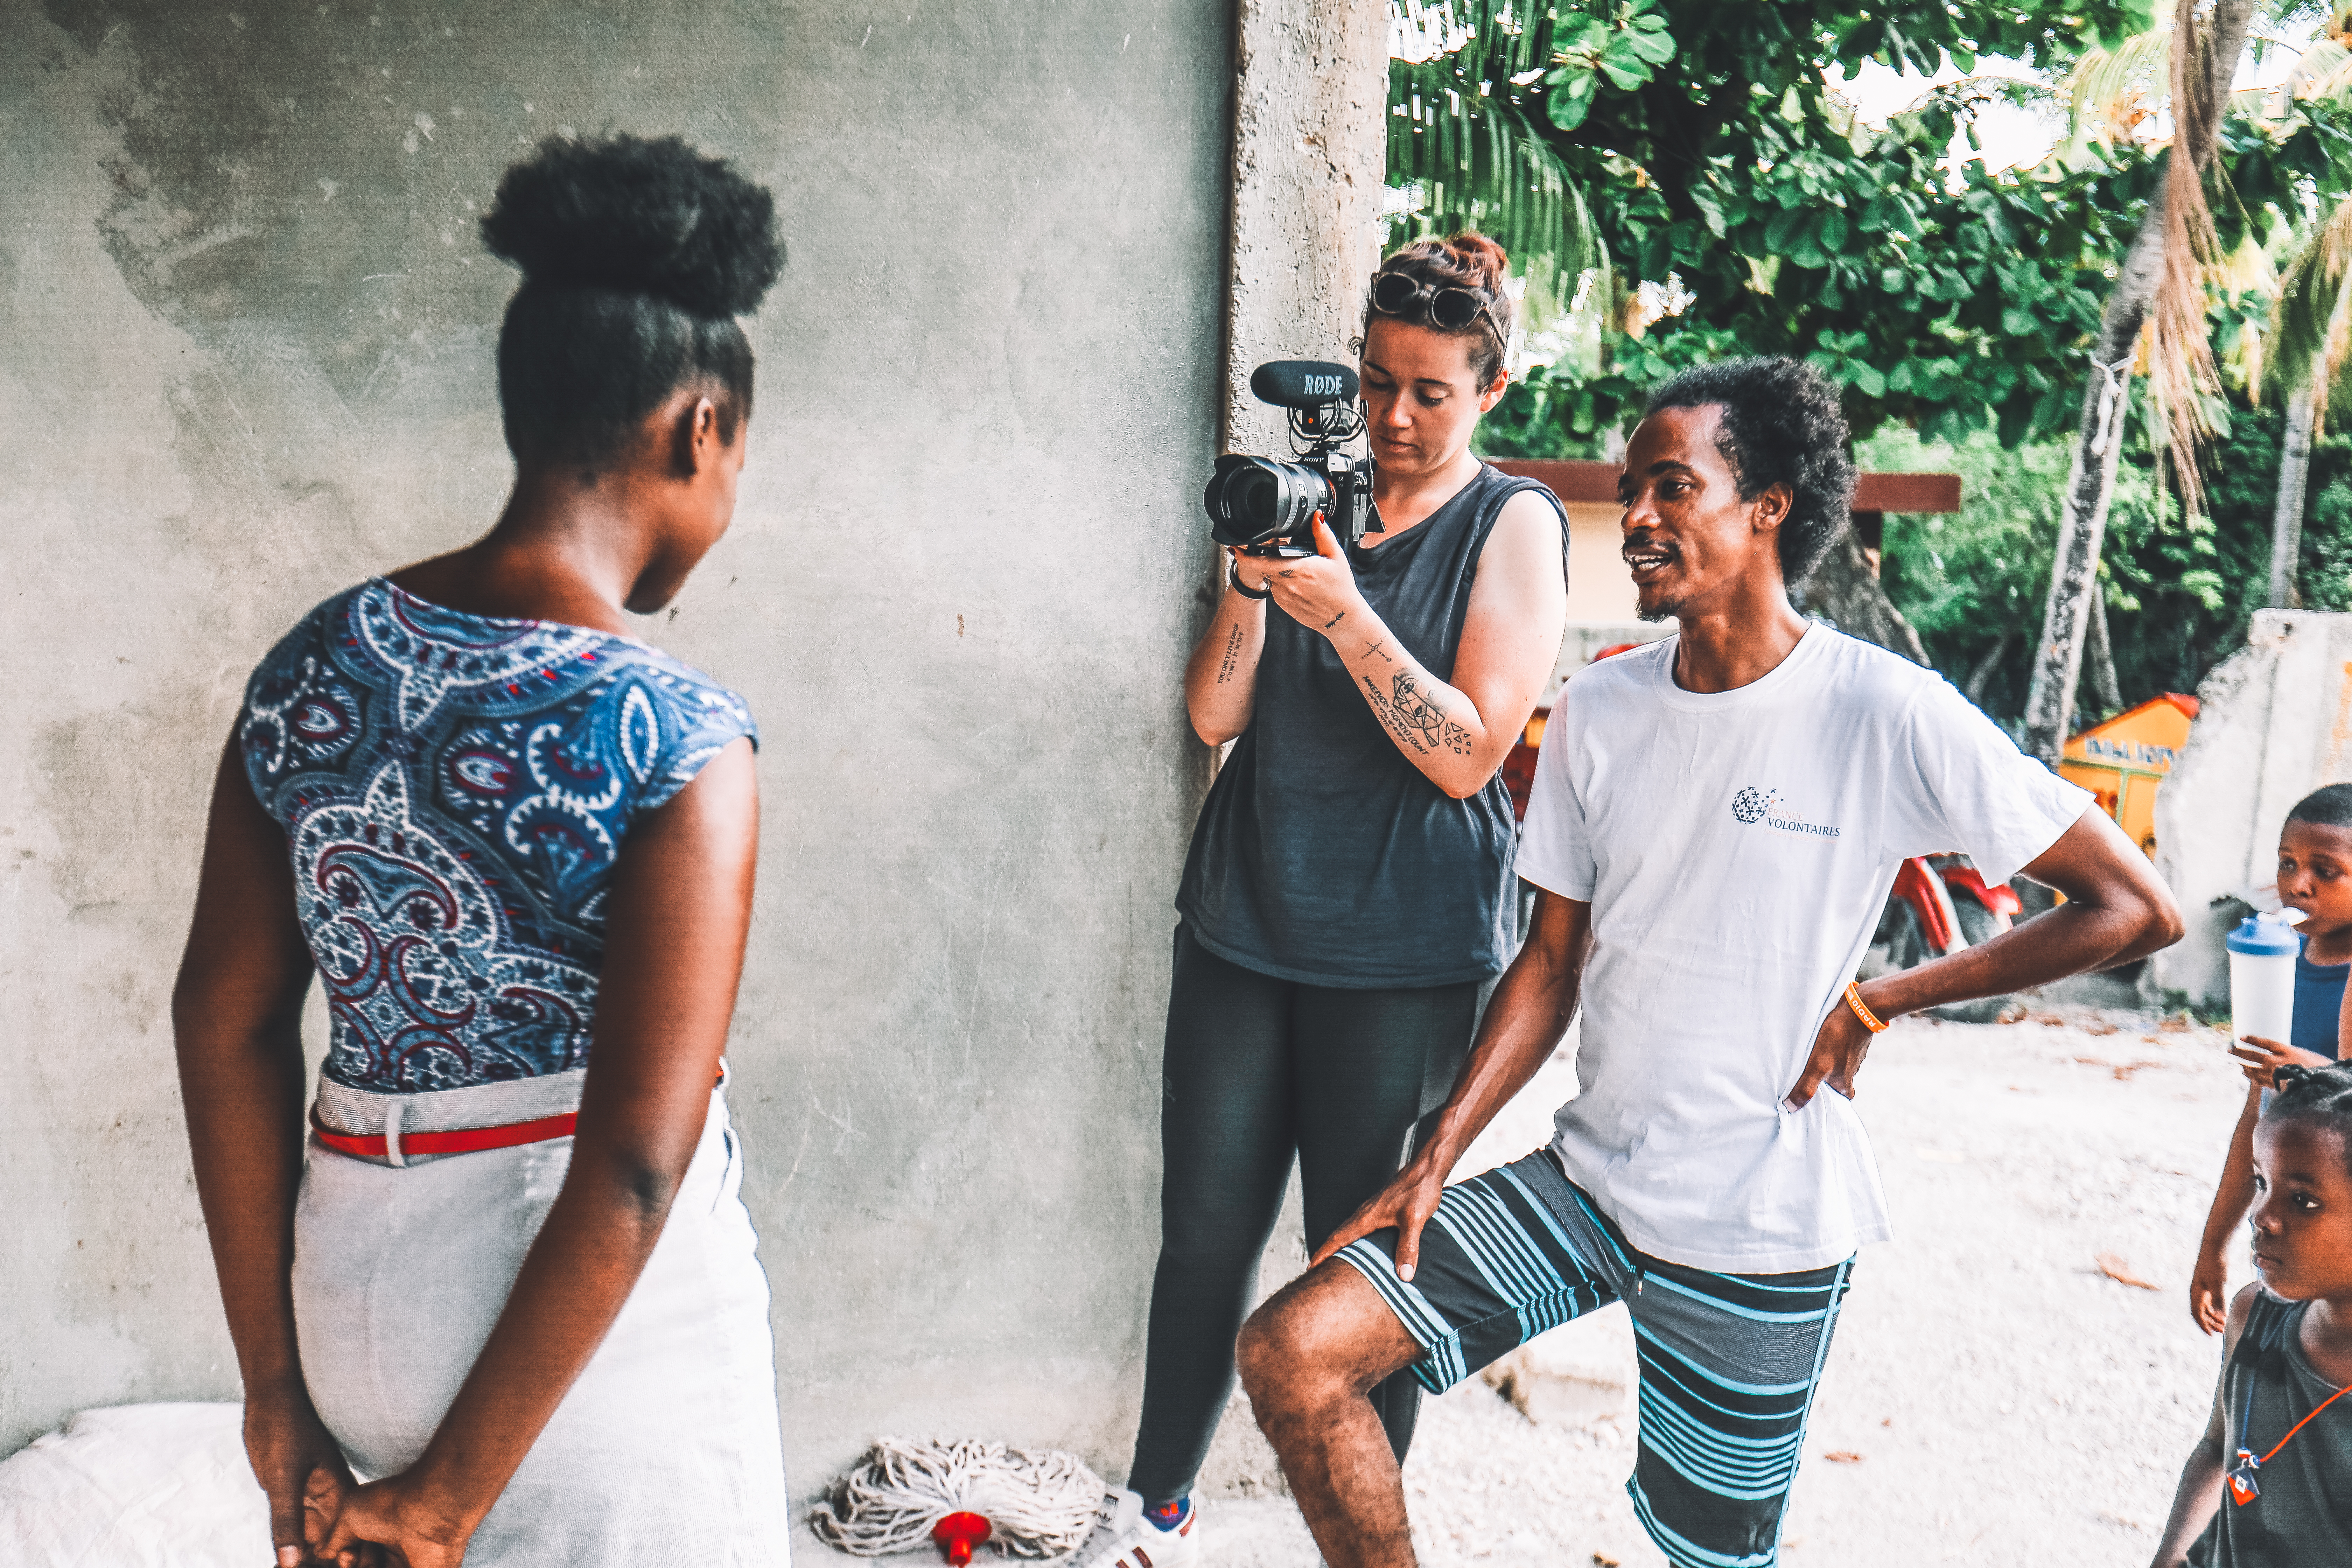 Haïti Humanité le p'tit reporter olivia kohler humanité série documentaire le petit reporter